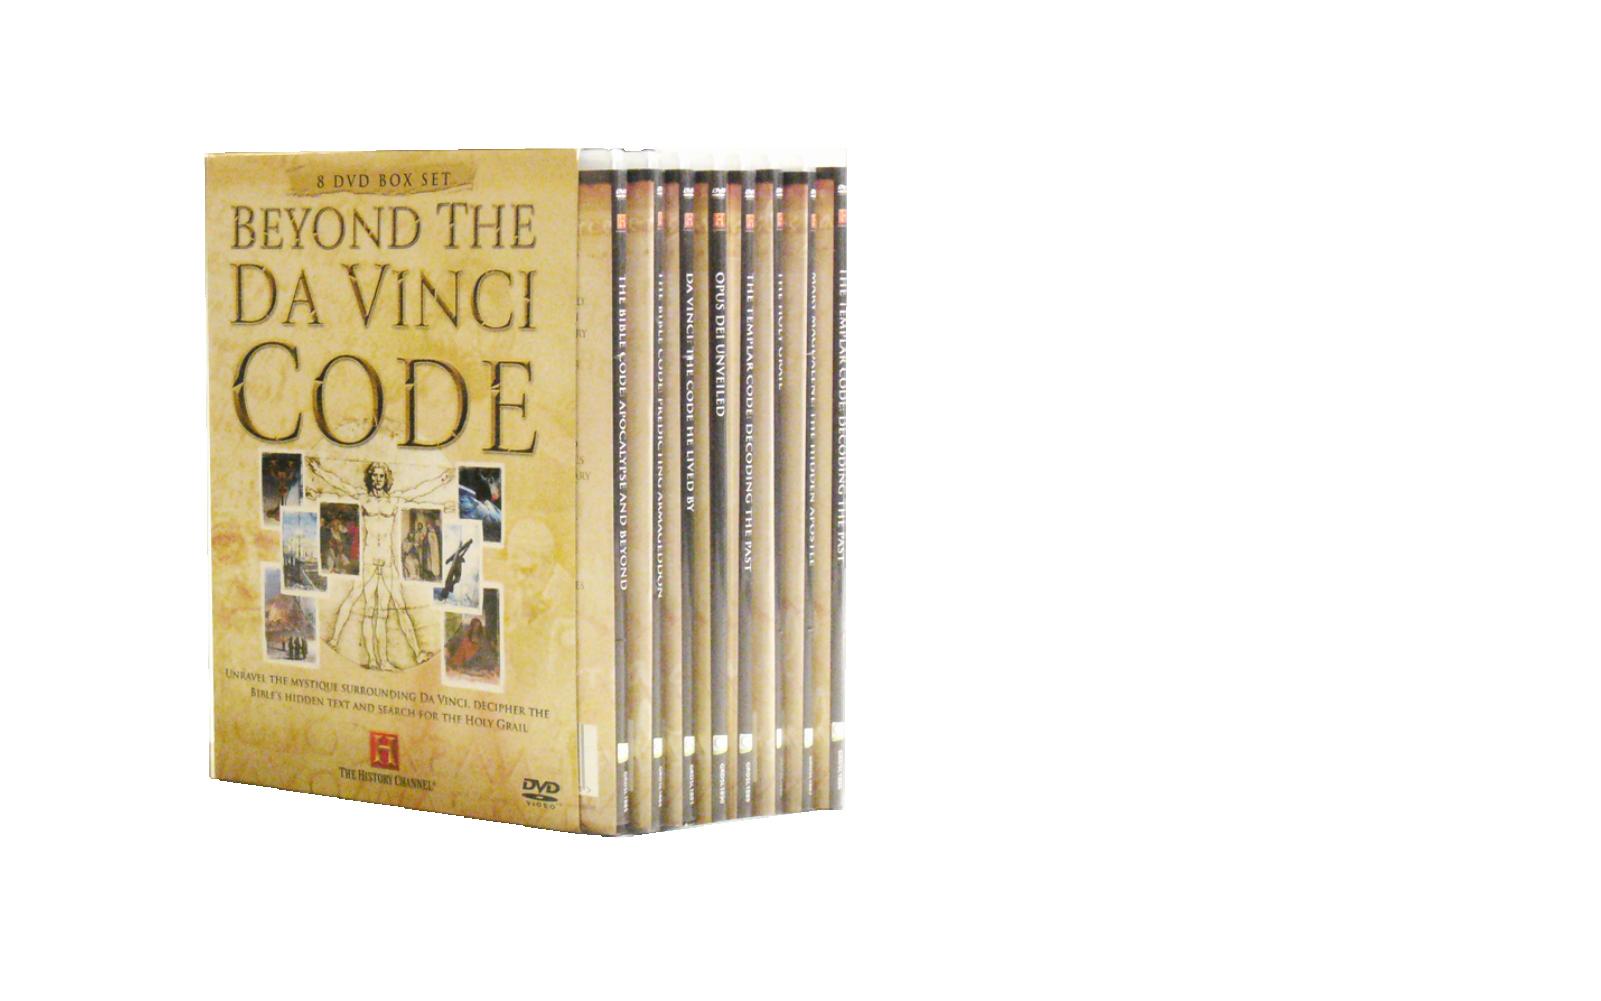 Dvd Slip Case for 8 Dvd Slim Cases